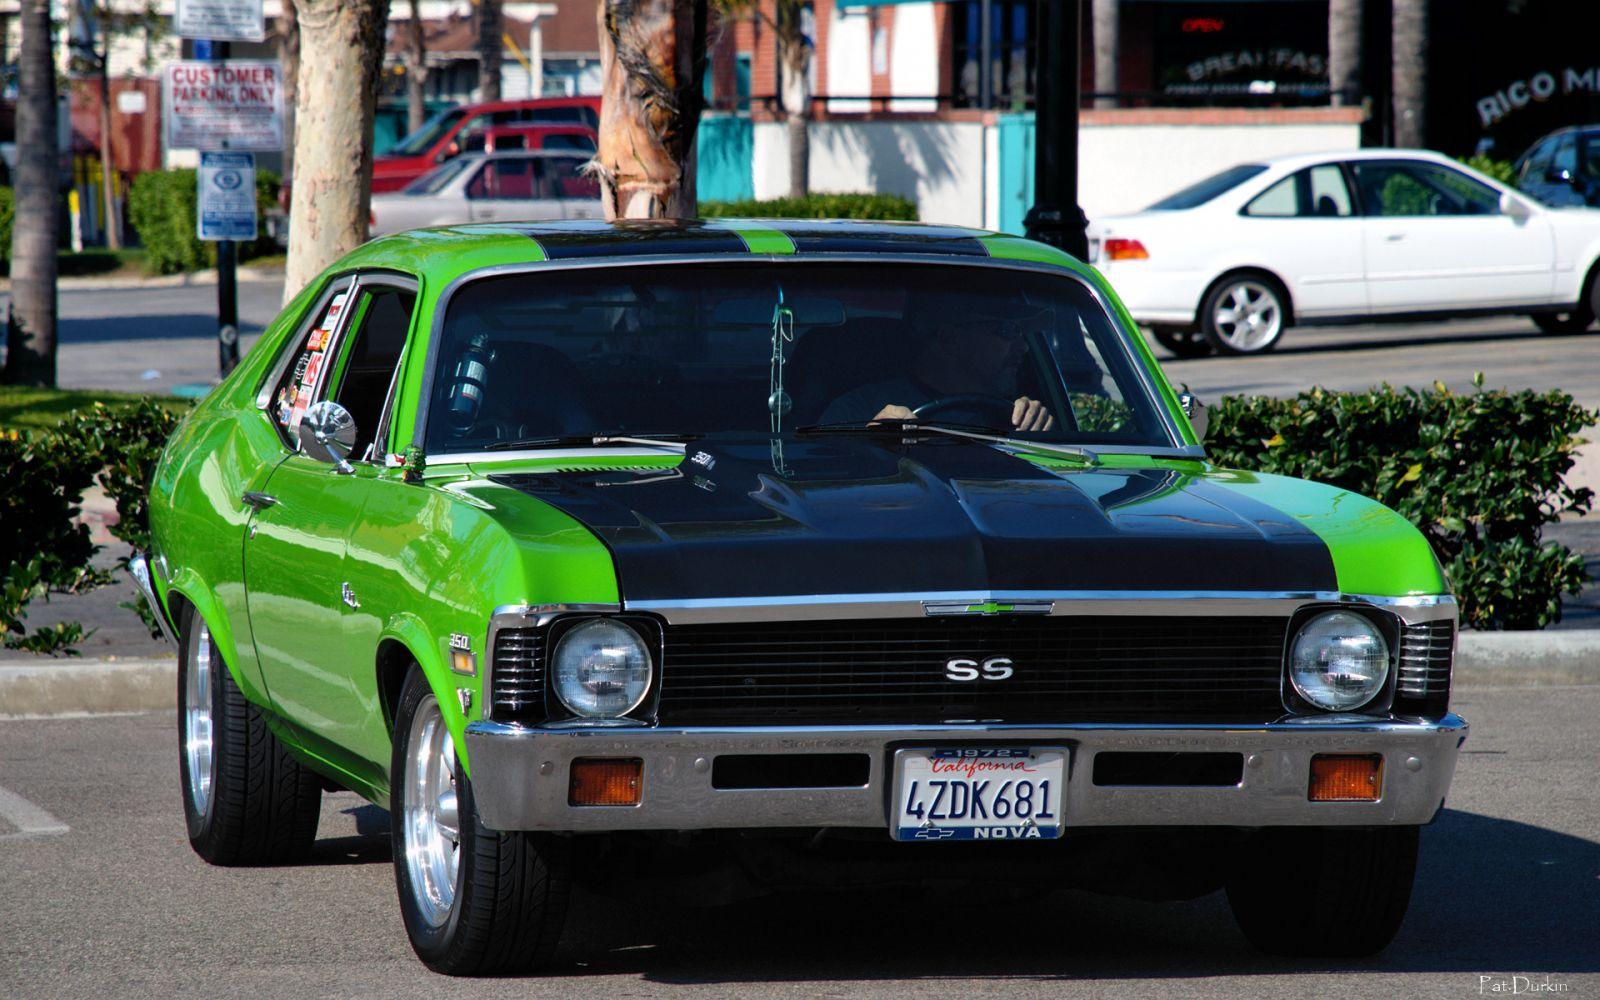 All Chevy black chevy nova ss : 1972 Chevy II Nova SS - Chartreuse & Black - fvr 2 - General ...